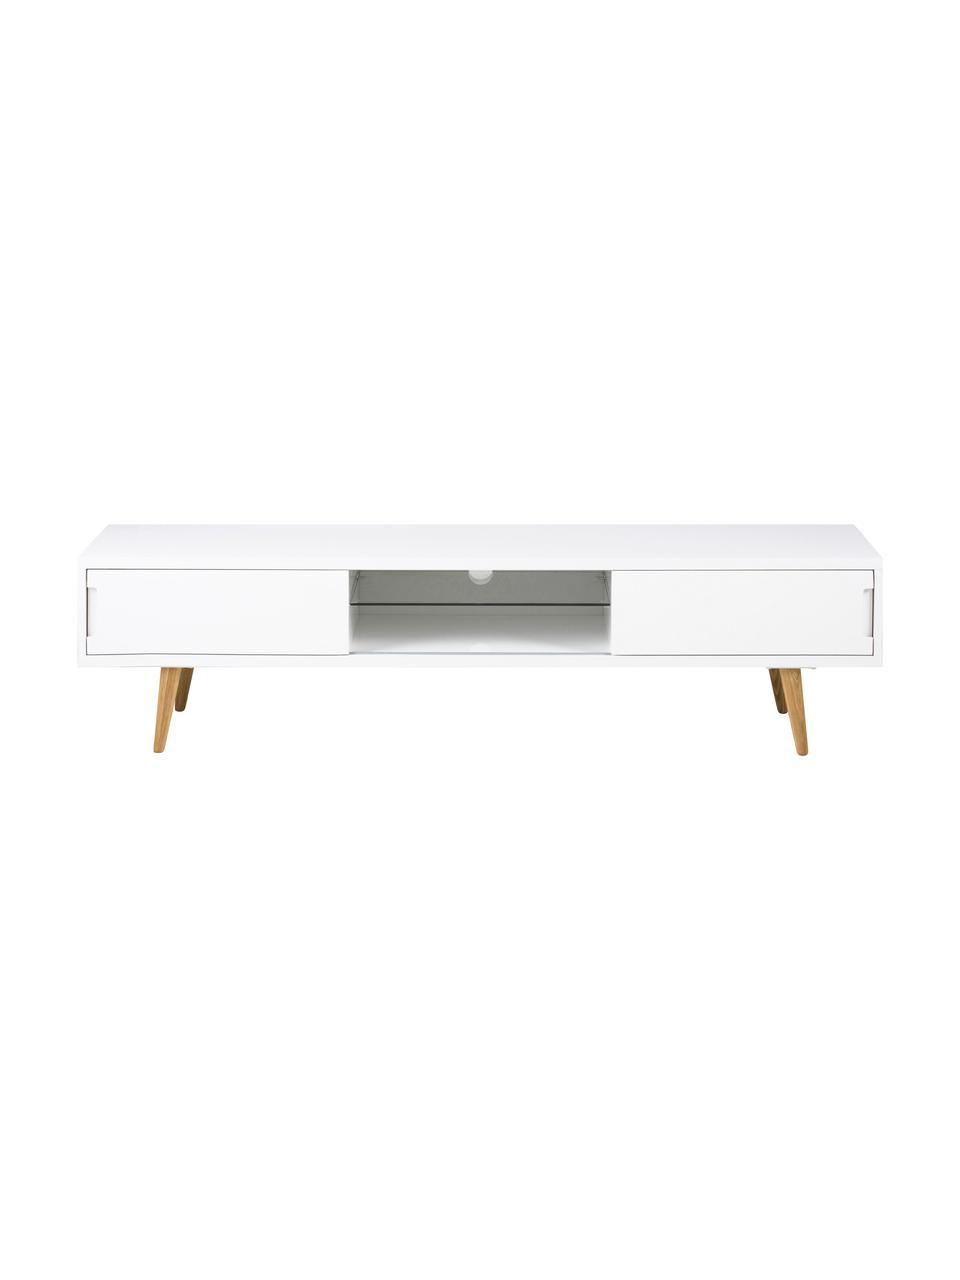 TV-Lowboard Cassie in Weiß Hochglanz, Beine: Esche, massiv, geölt, Weiß, Braun, 180 x 46 cm